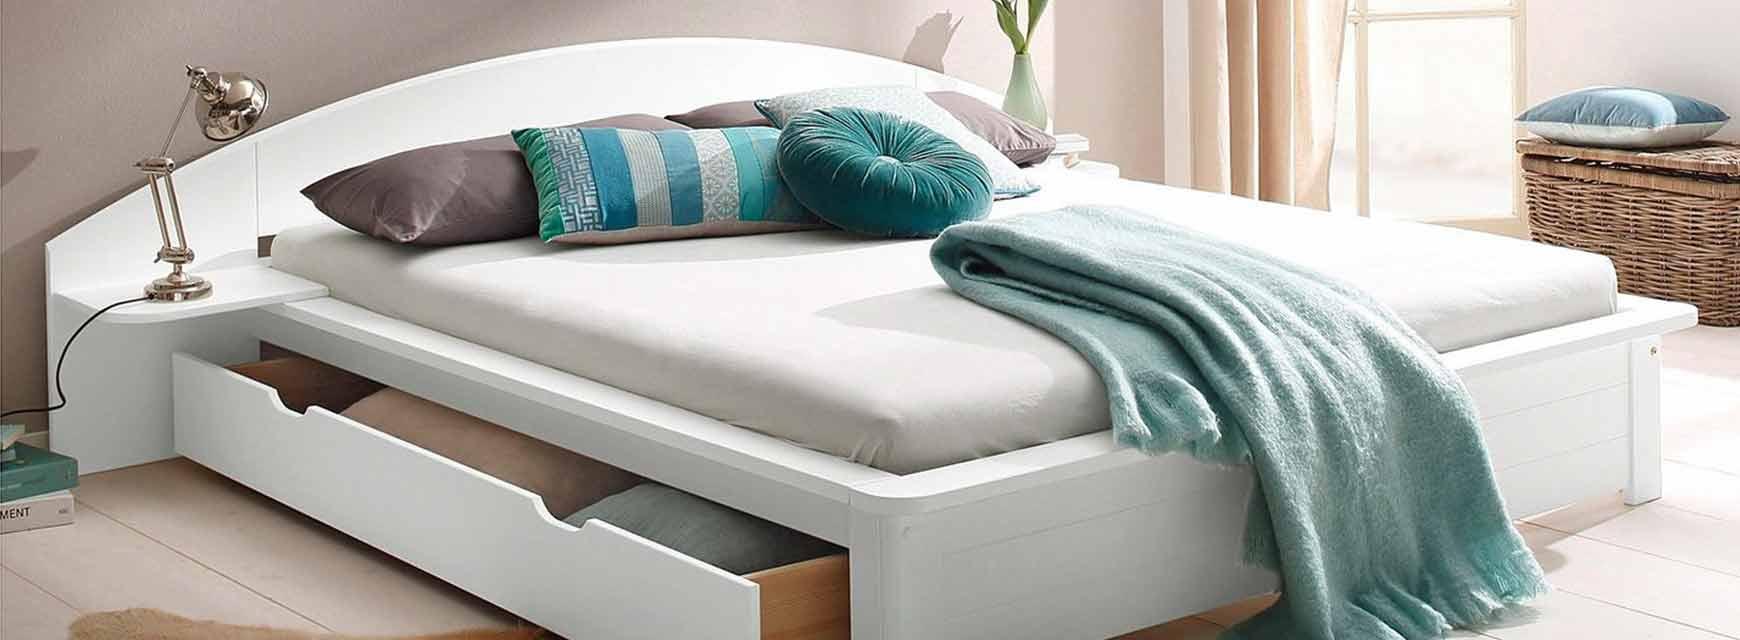 Full Size of Bett Landhausstil Landhaus Online Kaufen Naturloftde Betten 200x200 Stauraum Komforthöhe Mit Bettkasten Weiß Wohnzimmer Stauraumbett 200x200